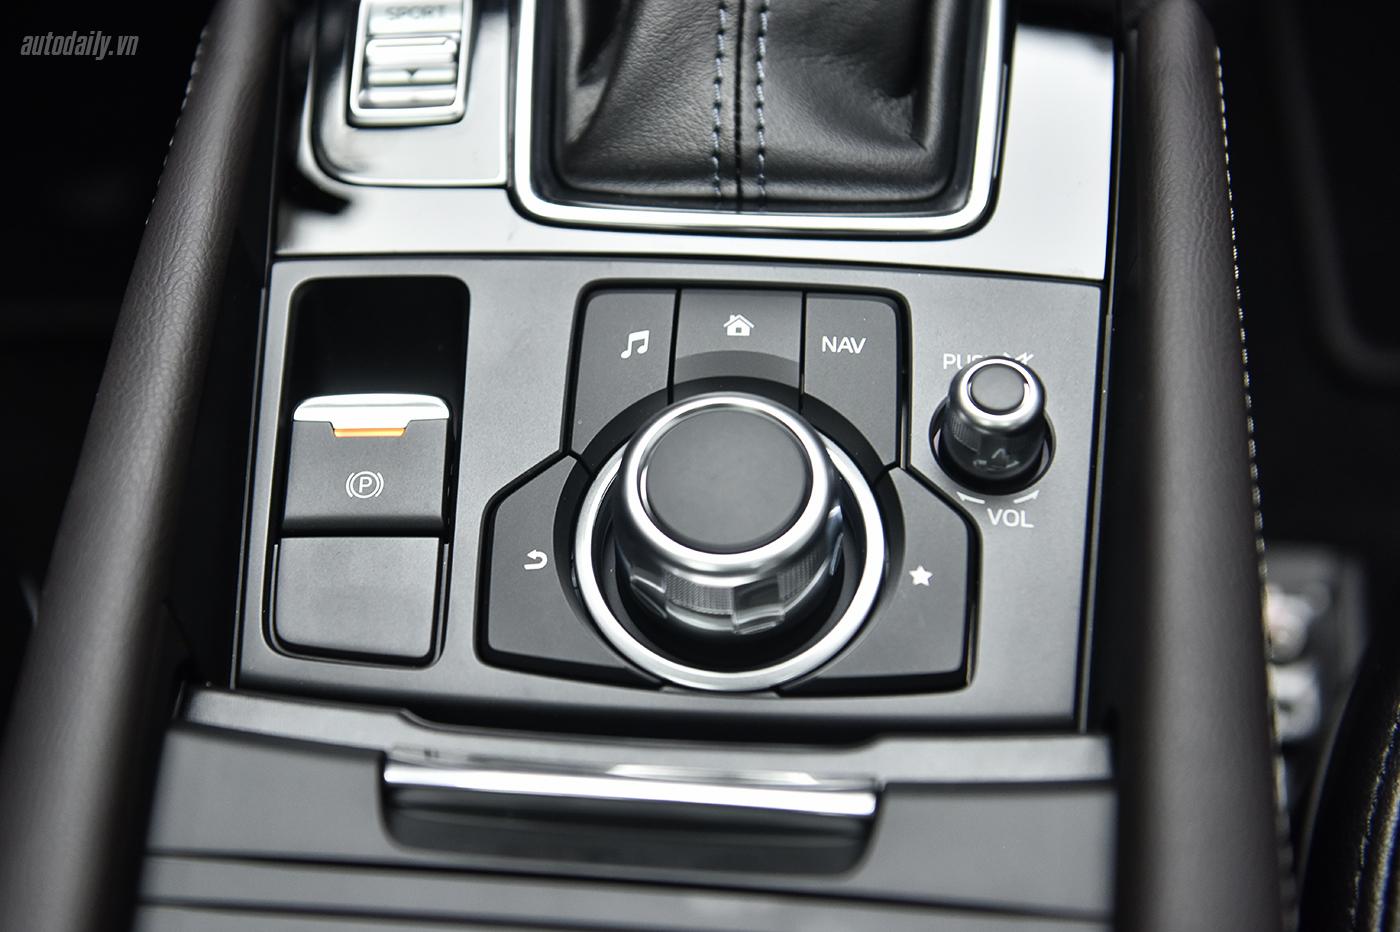 mazda3-2017-autodaily-6.jpg